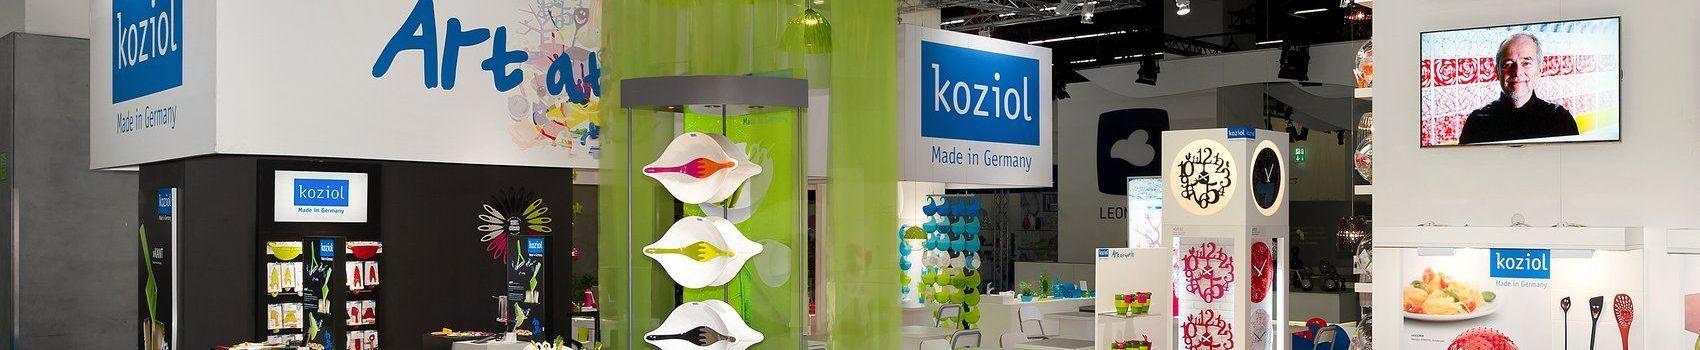 koziol_ambiente14(2)